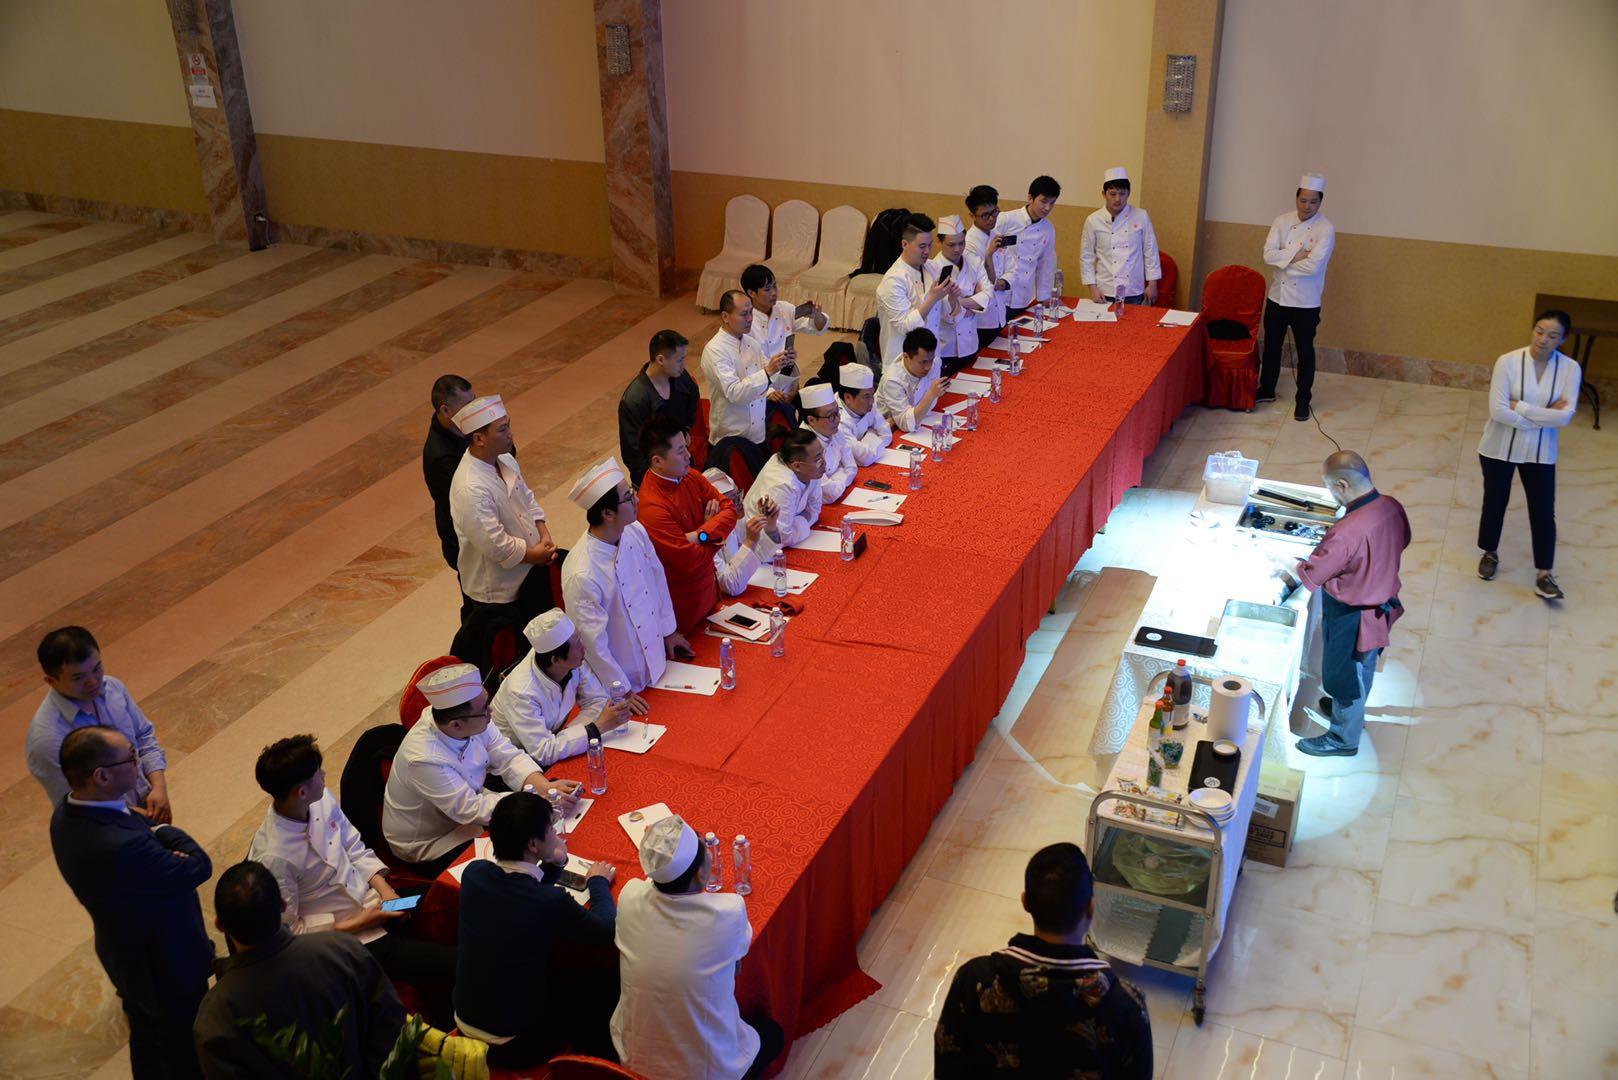 意大利北部华侨华人餐饮业协会组织寿司技艺培训活动